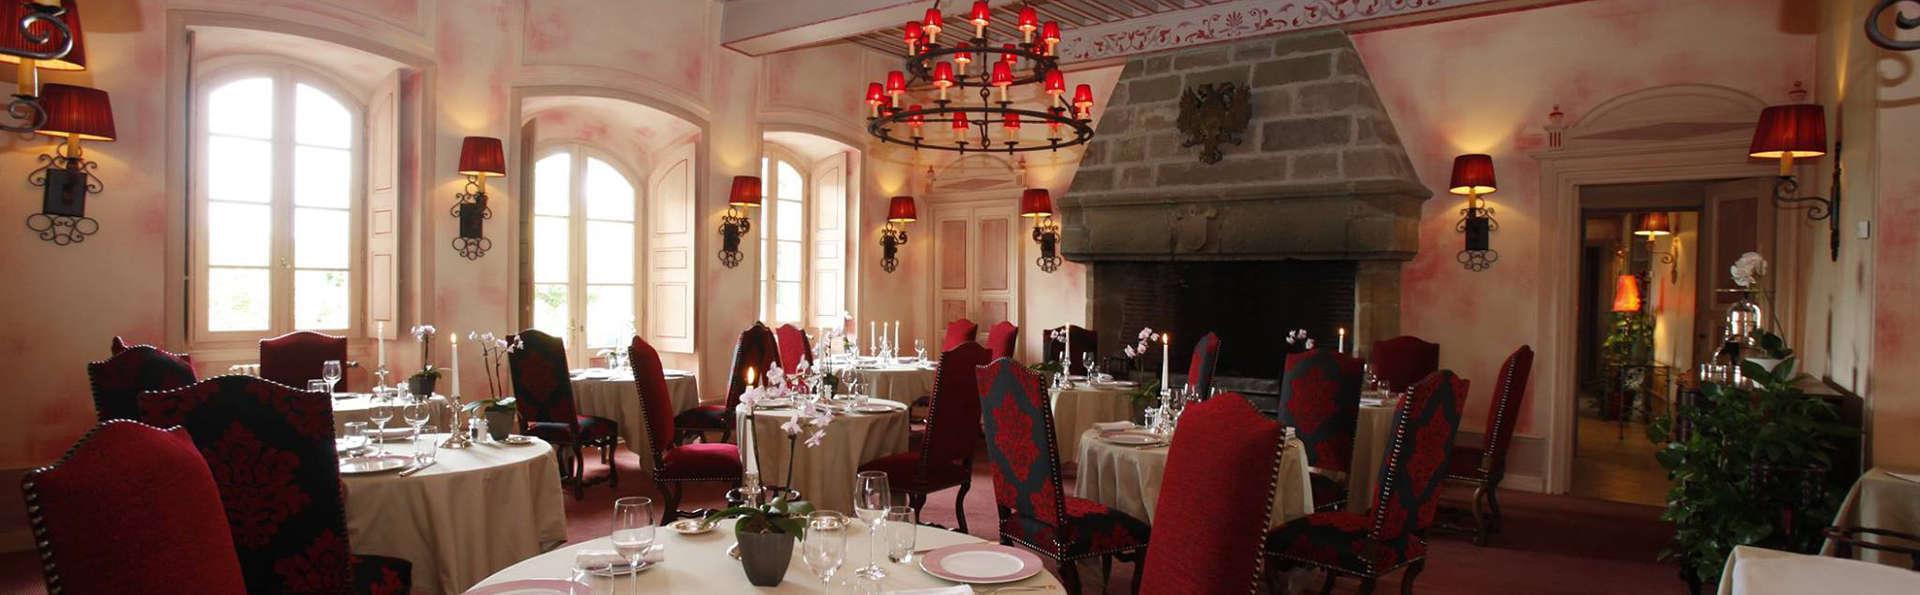 Élégance et dîner gastronomique 3 plats au cœur du Limousin